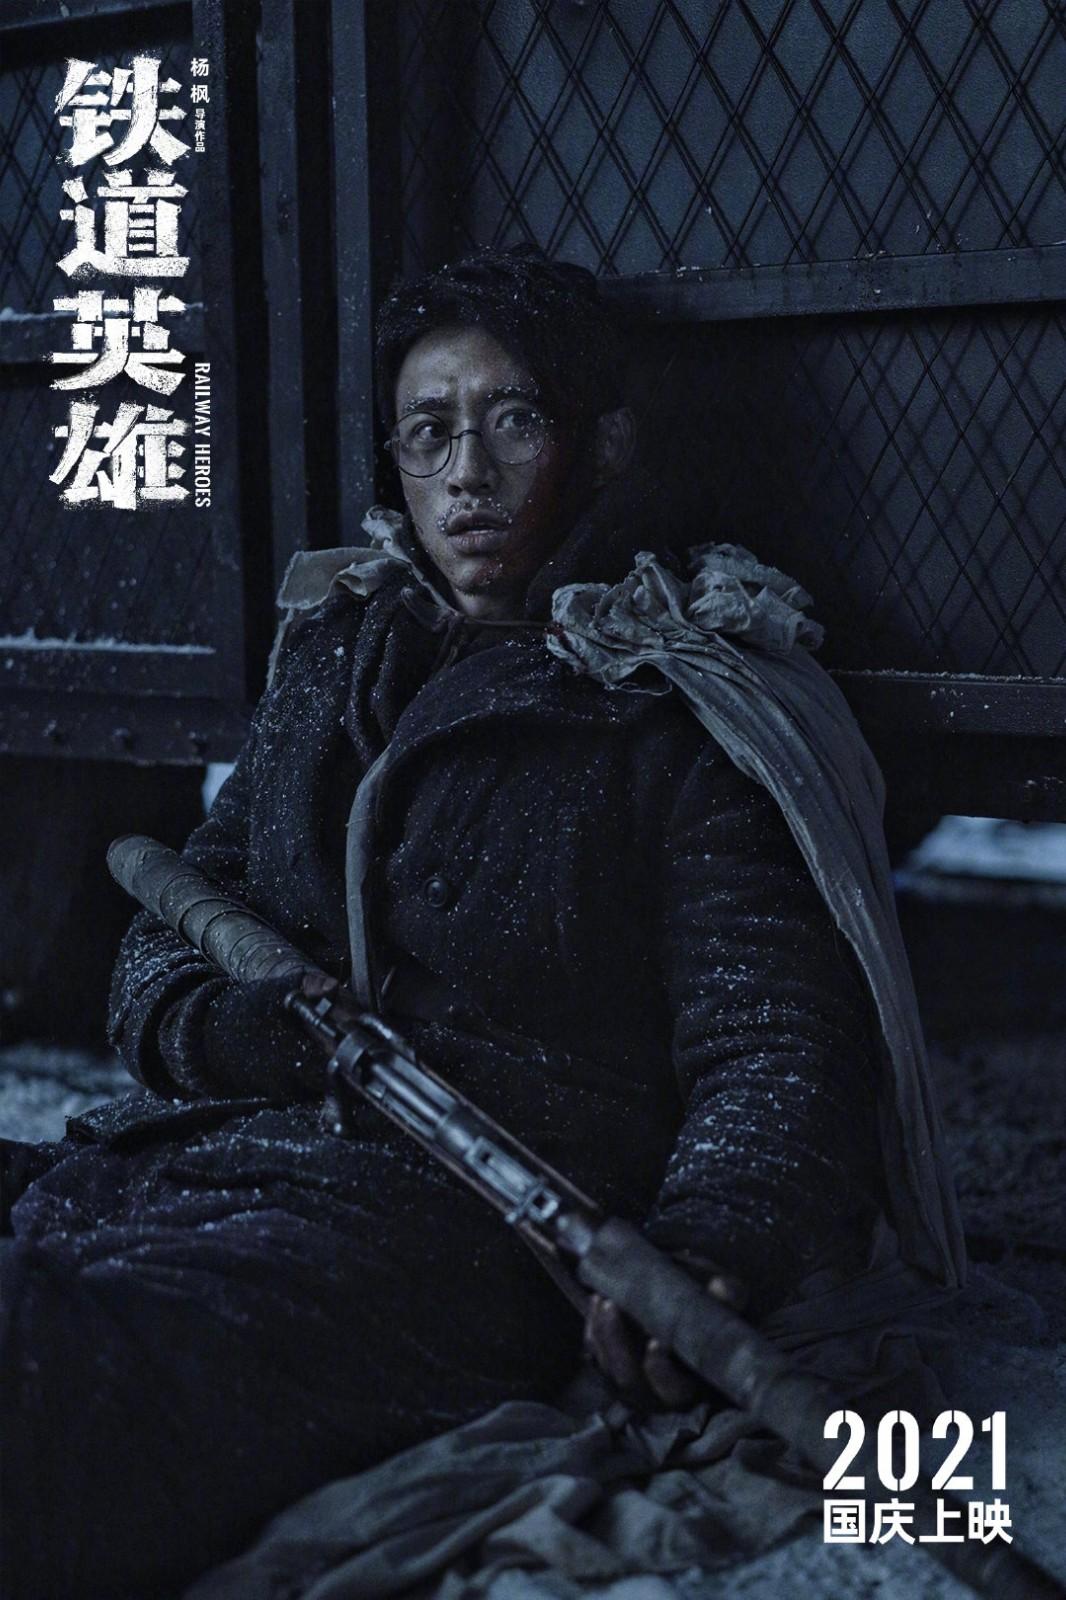 新版铁道游击队《铁道英雄》杀青 张涵予主演 国庆上映